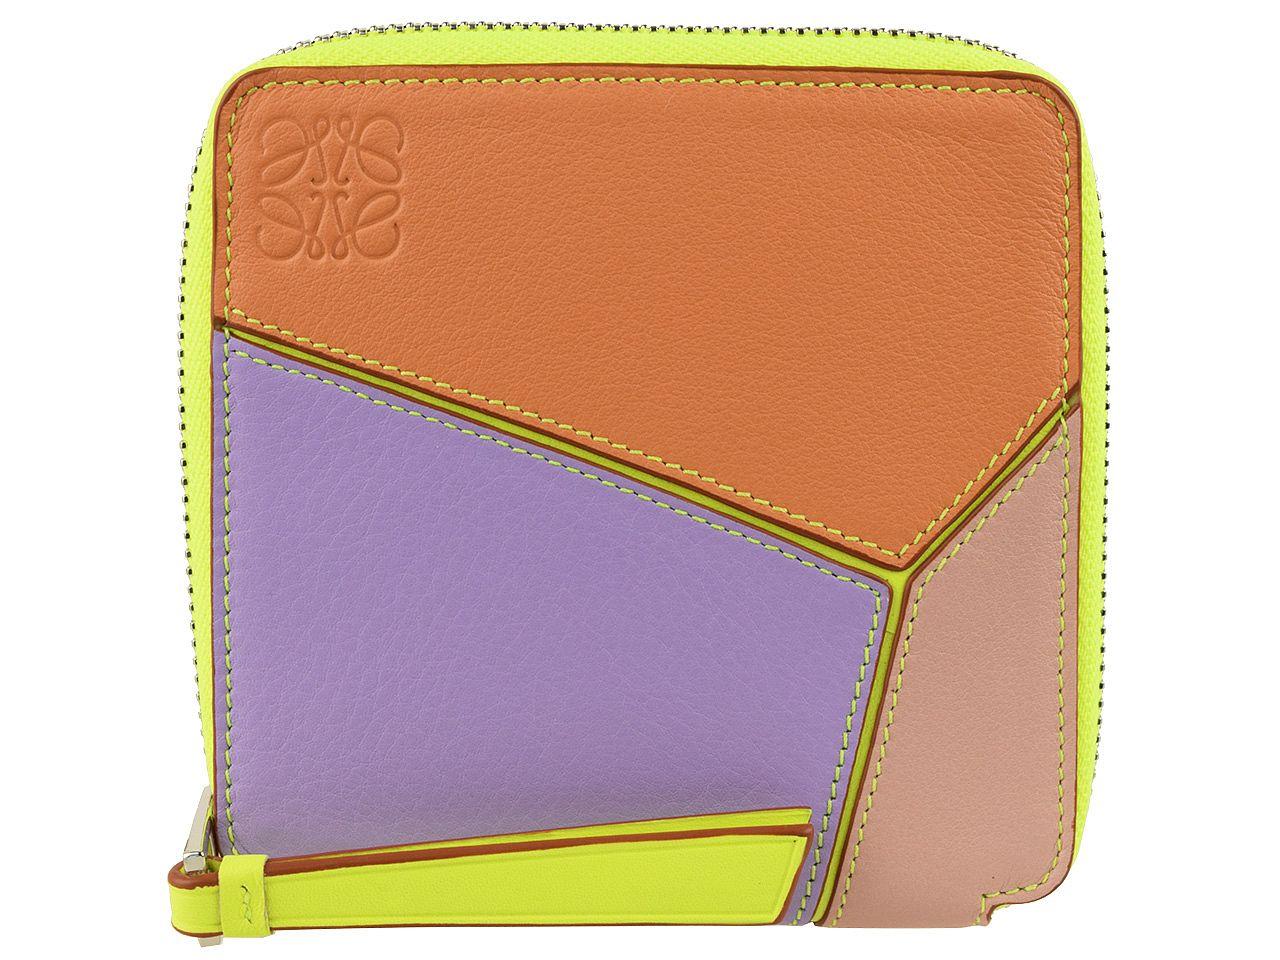 憧れのハイブランド7選!人気インポートブランドの財布やバッグなど厳選してご紹介!